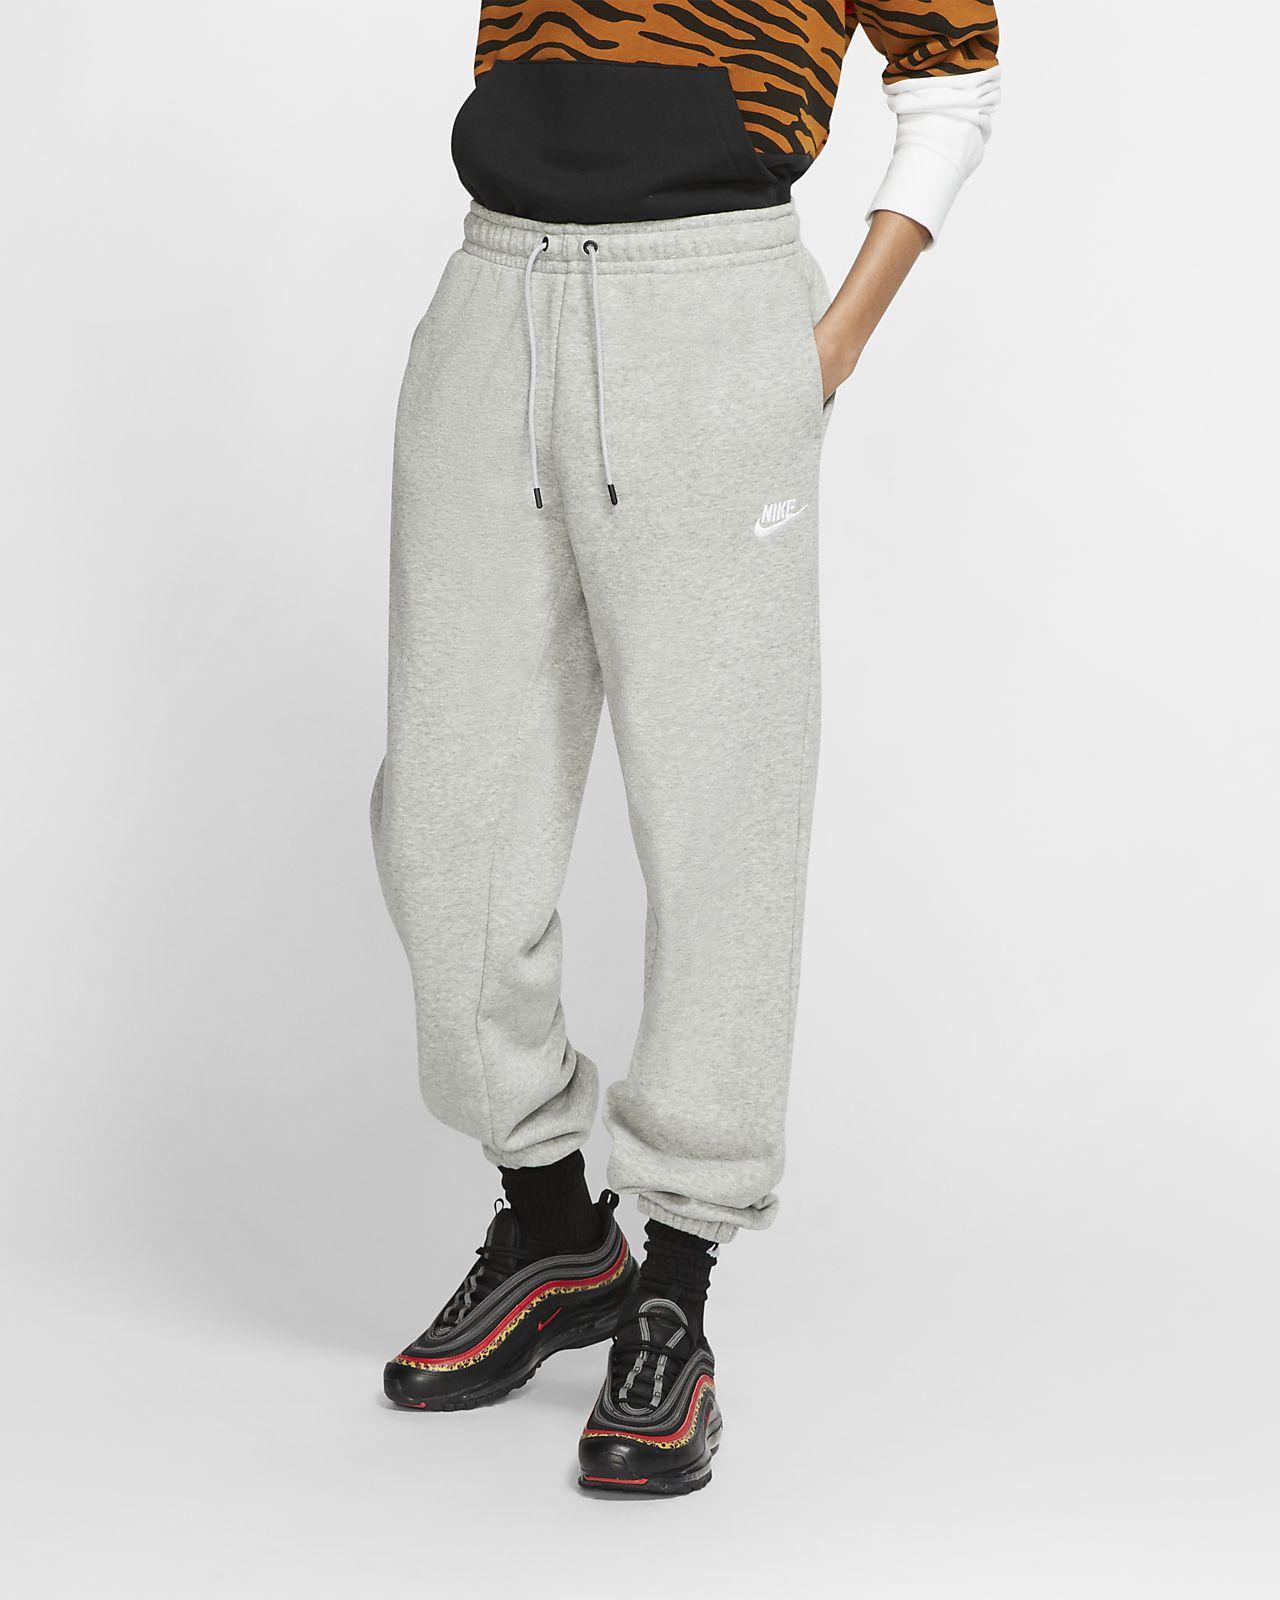 Essentials Fleece Women's Pants